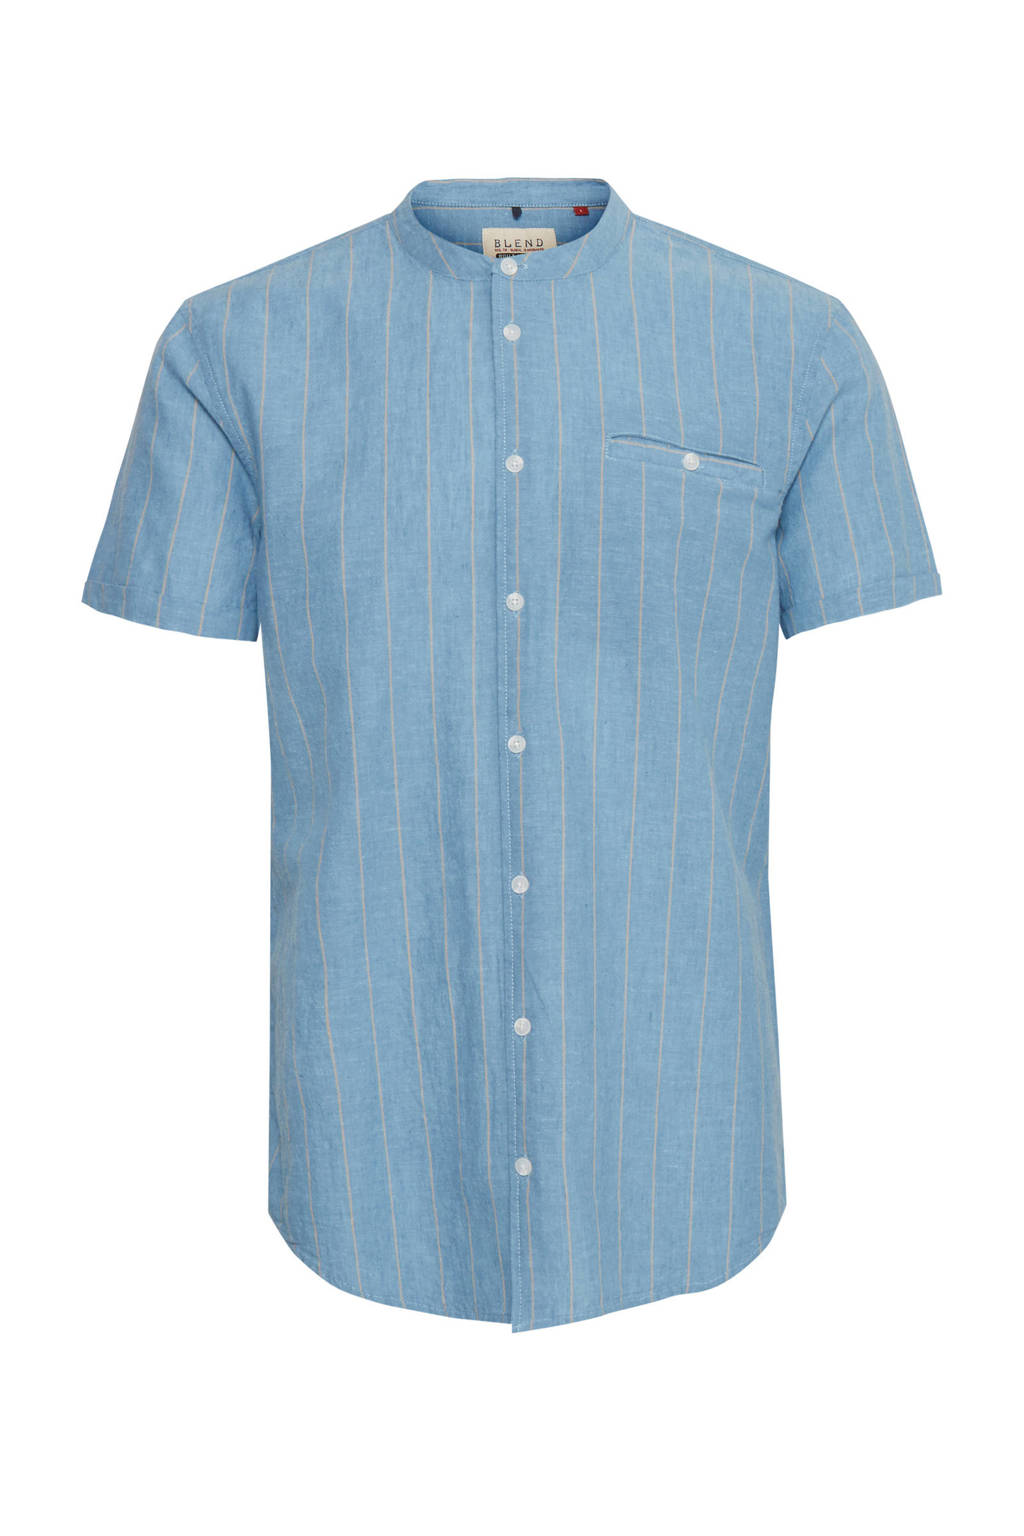 Blend Big gestreept regular fit overhemd met linnen blauw, Blauw